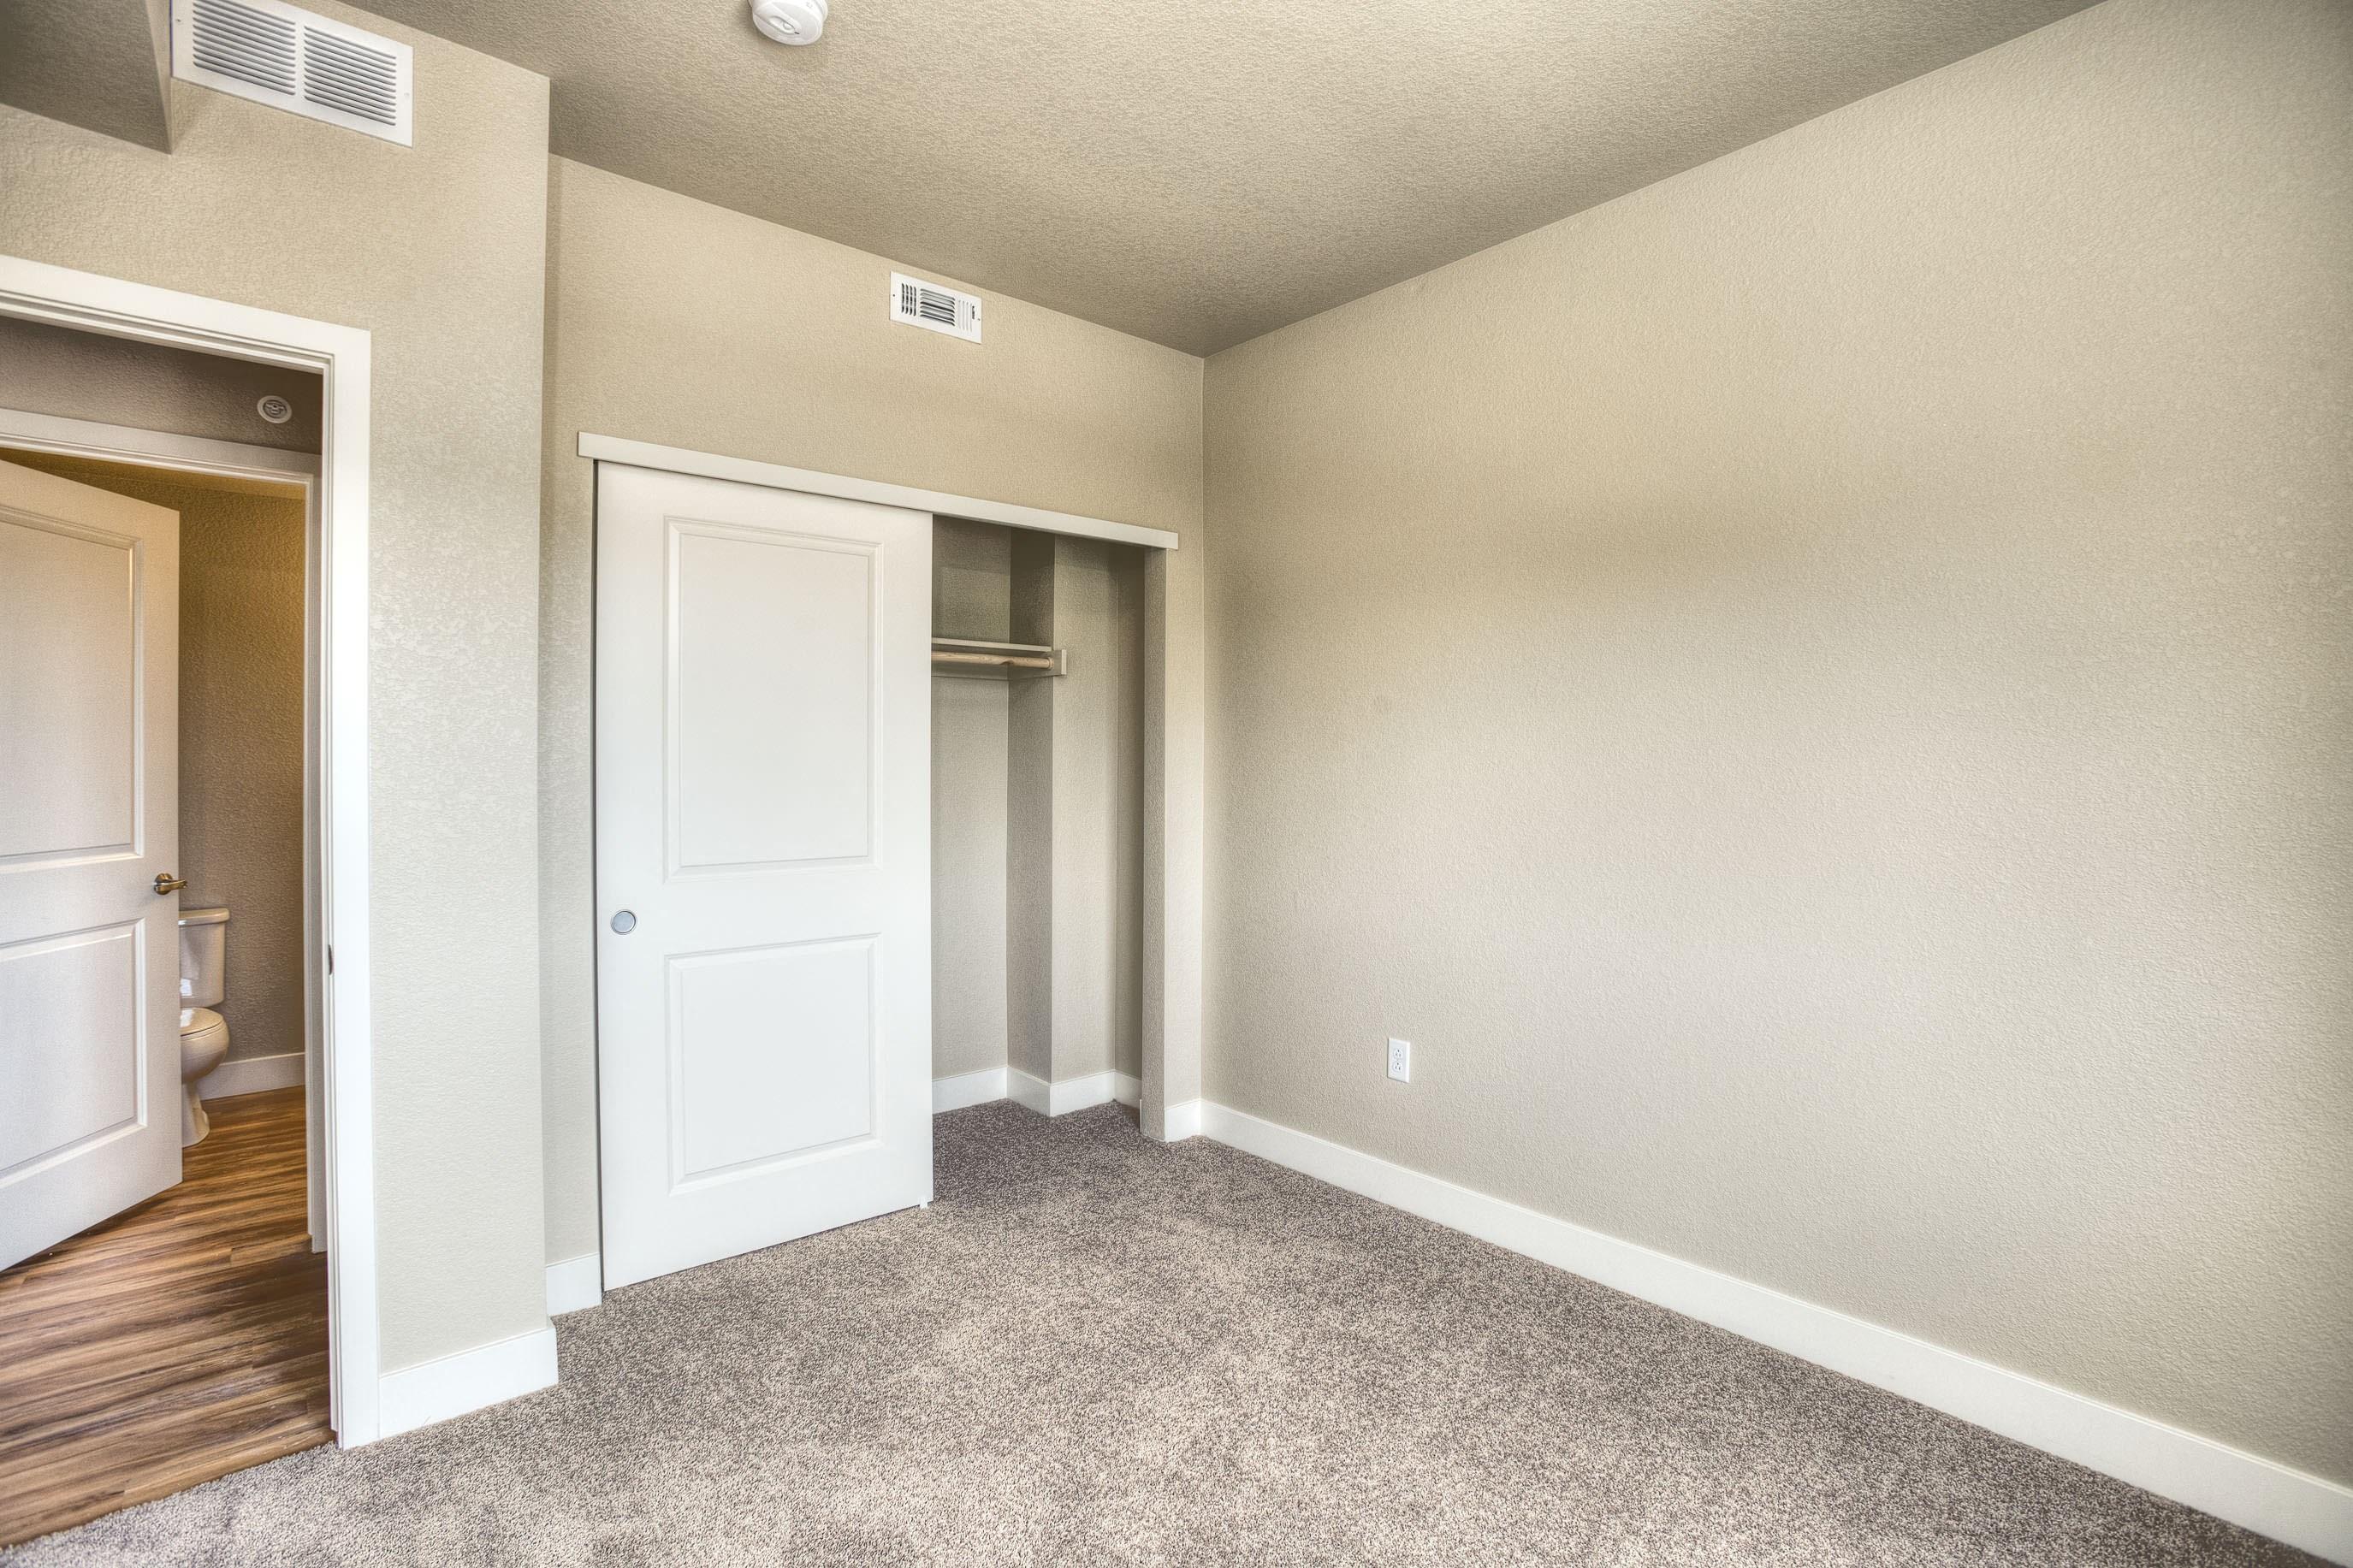 303 Prospect Station Bedroom